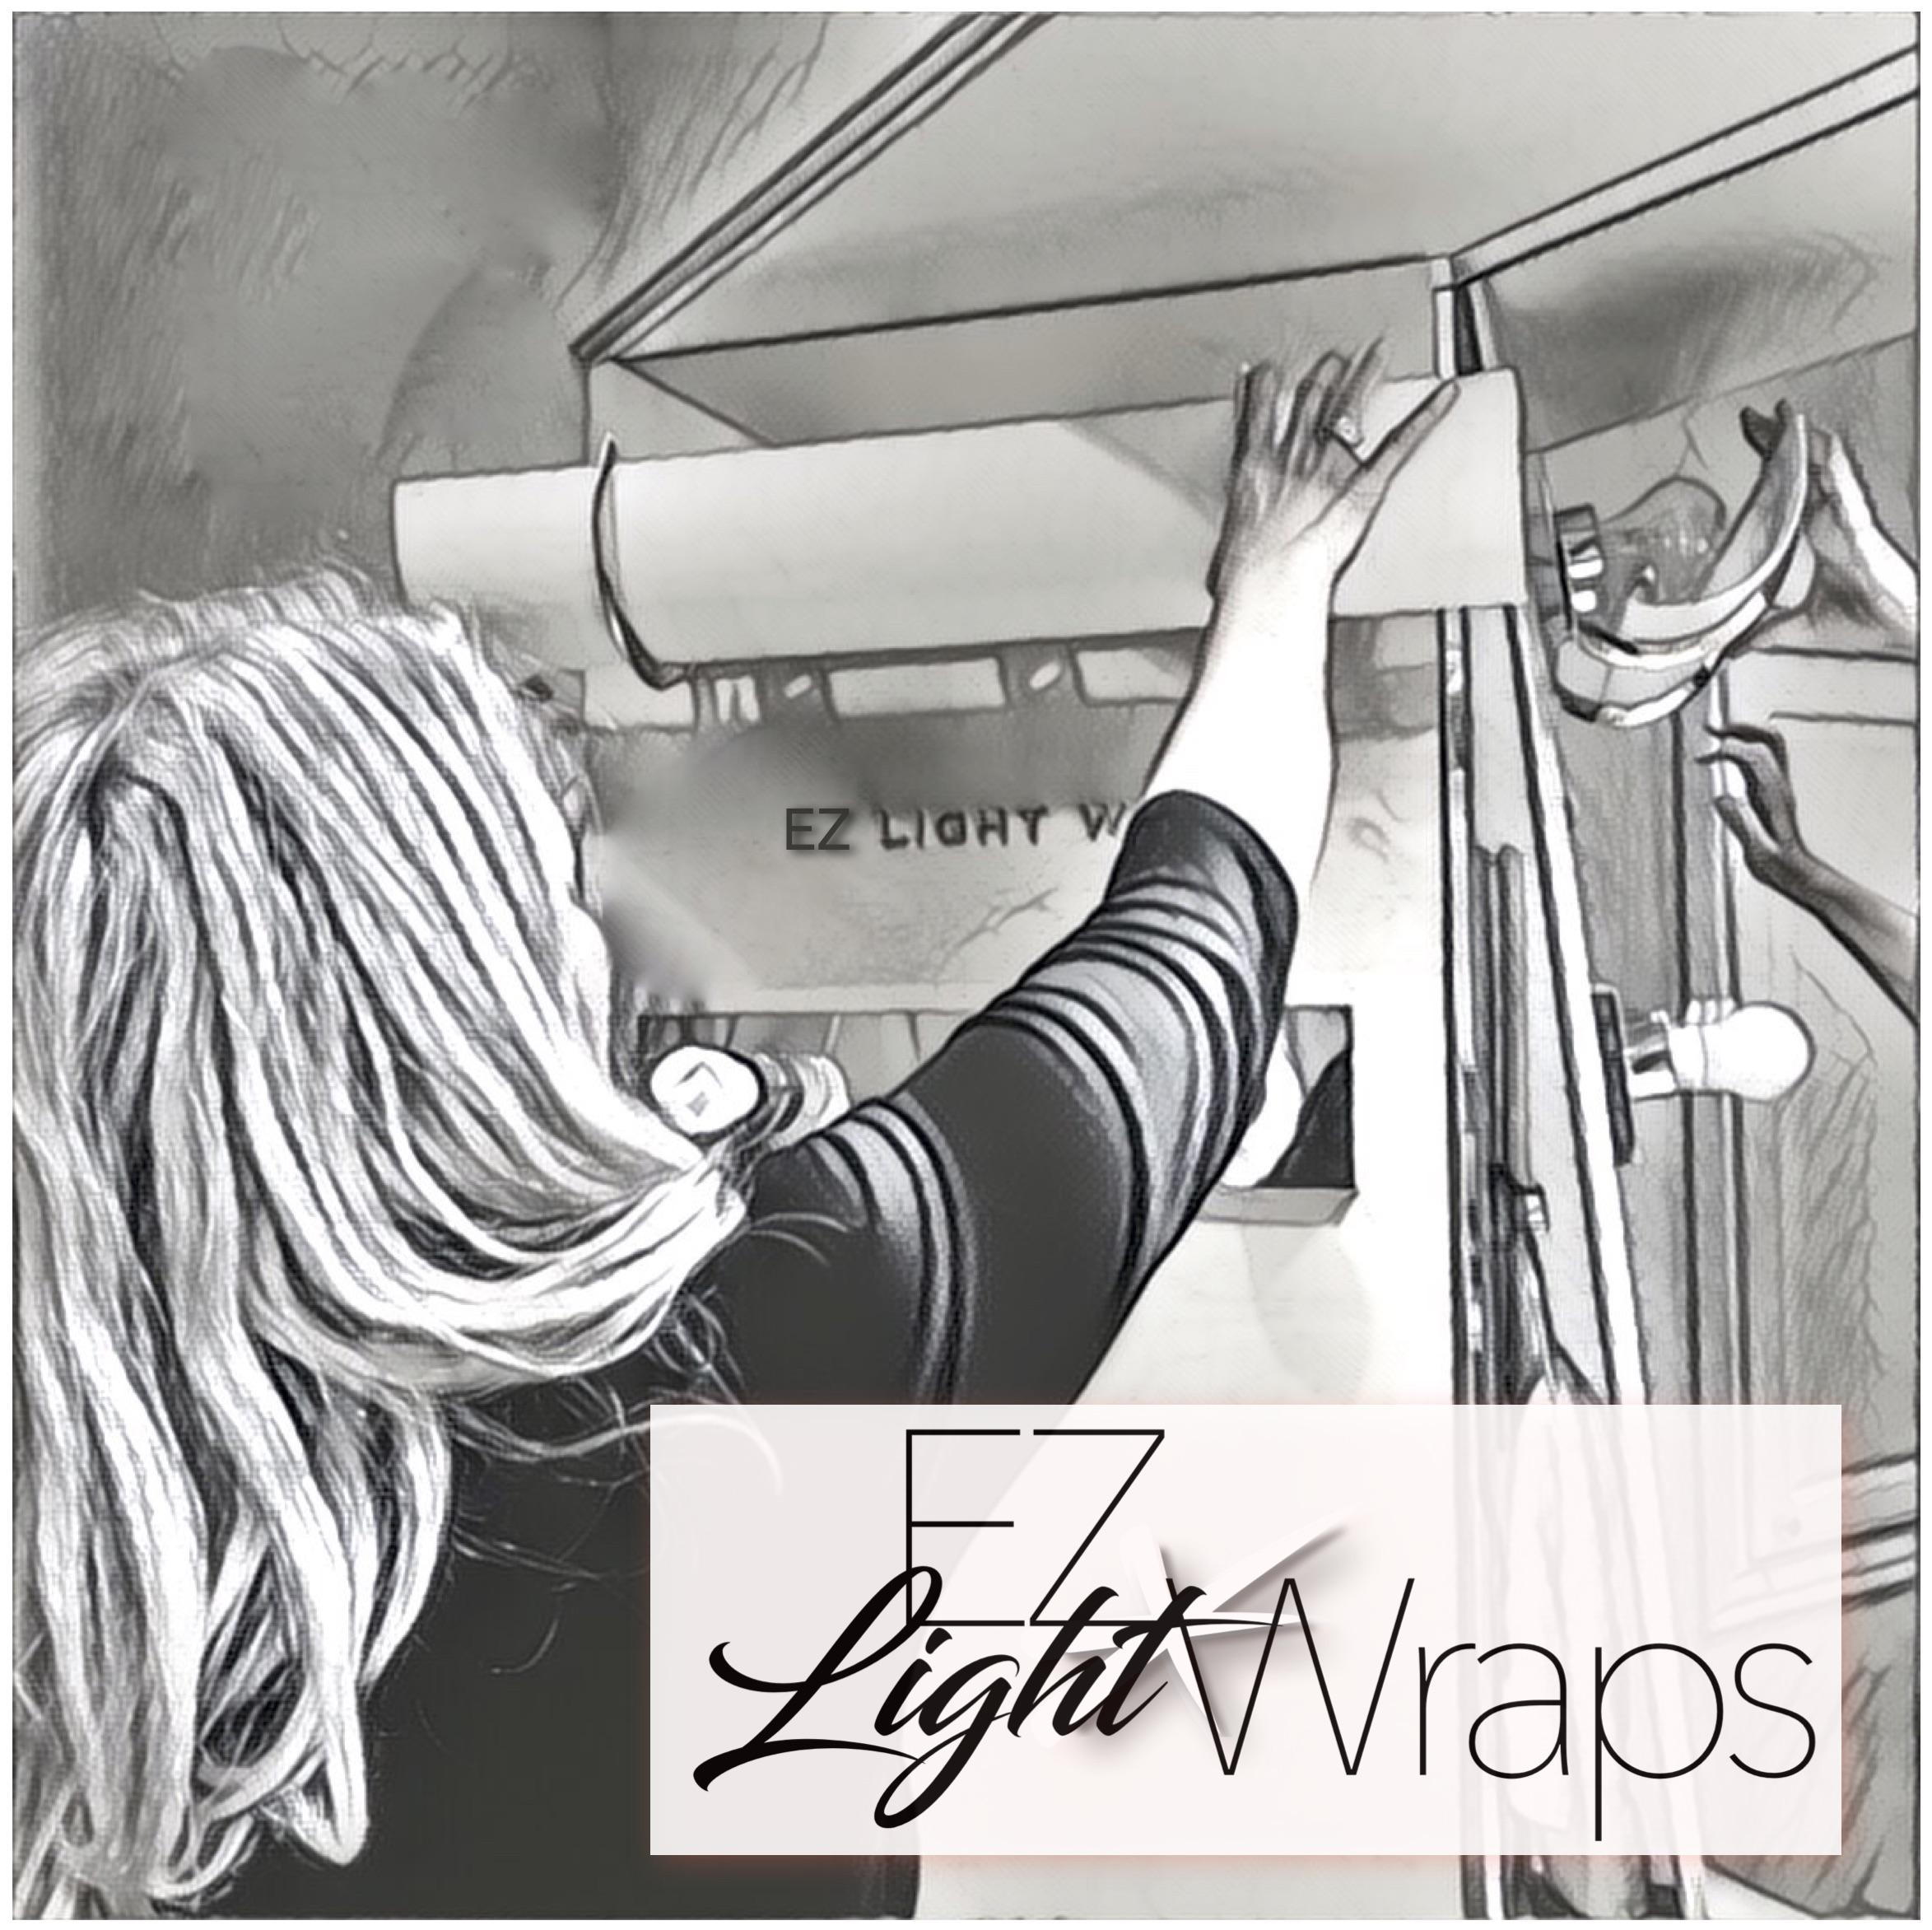 EZ Light Wraps